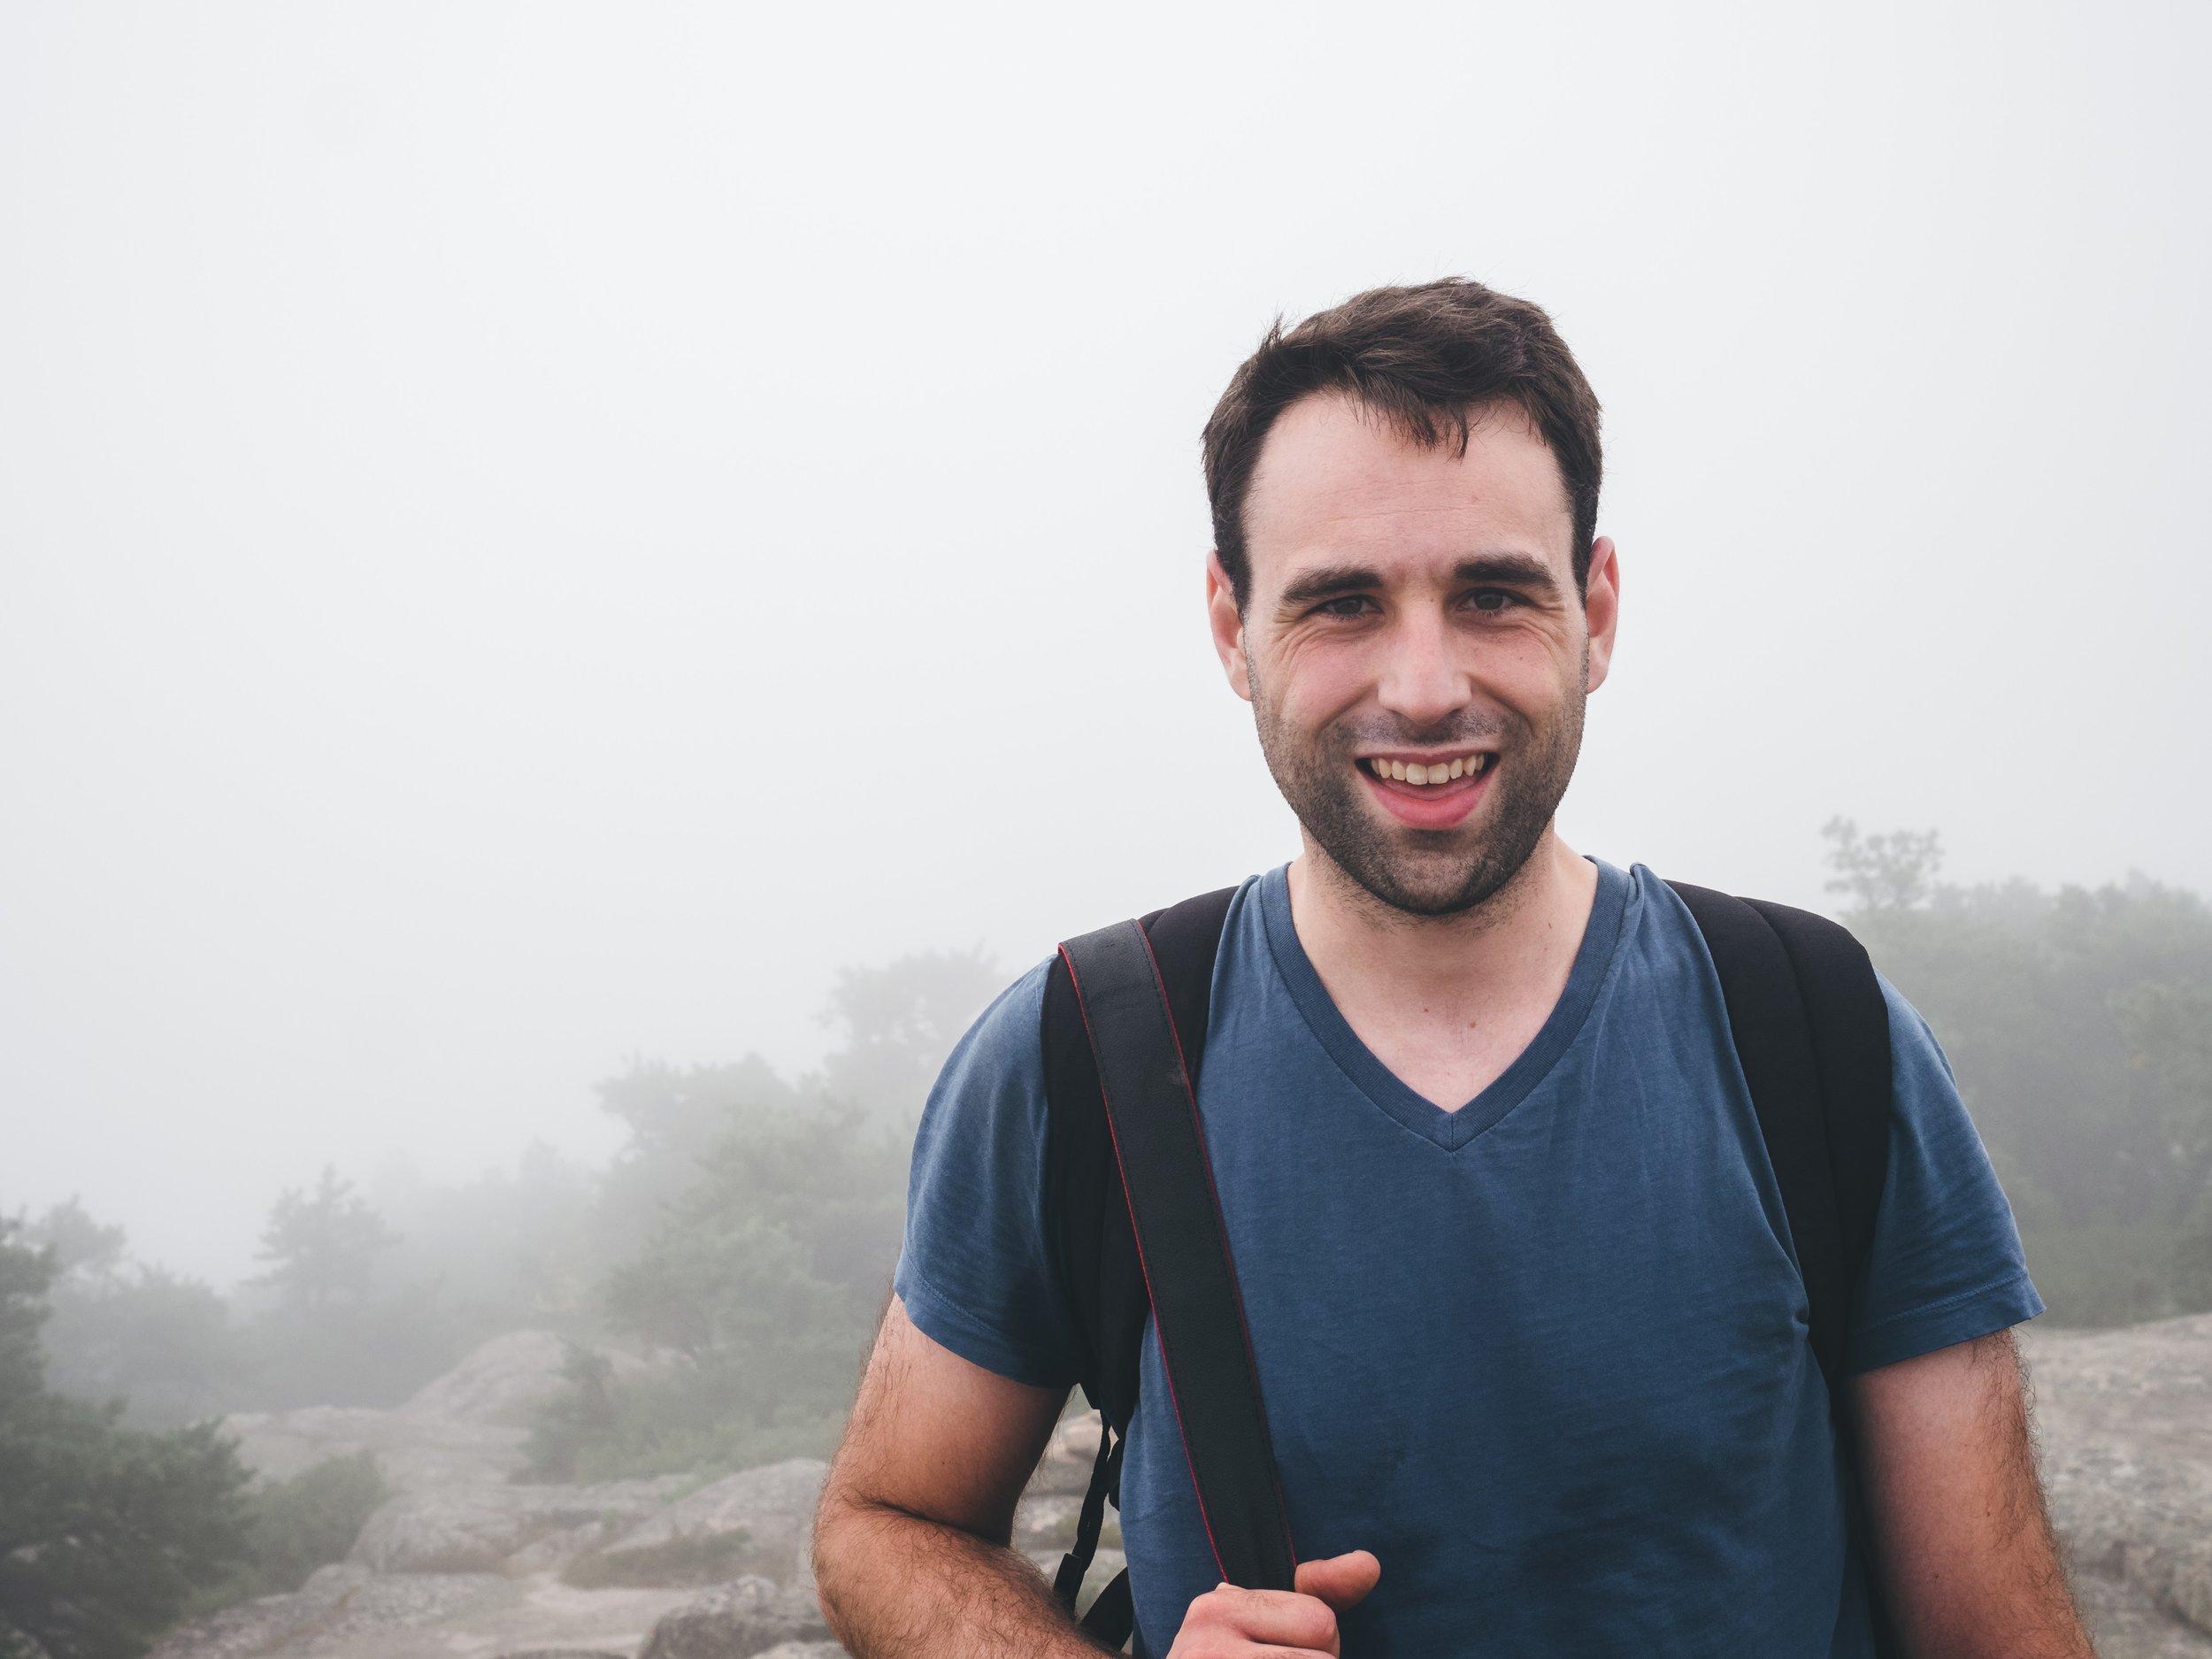 Brandon was euphoric upon reaching the top of Precipice